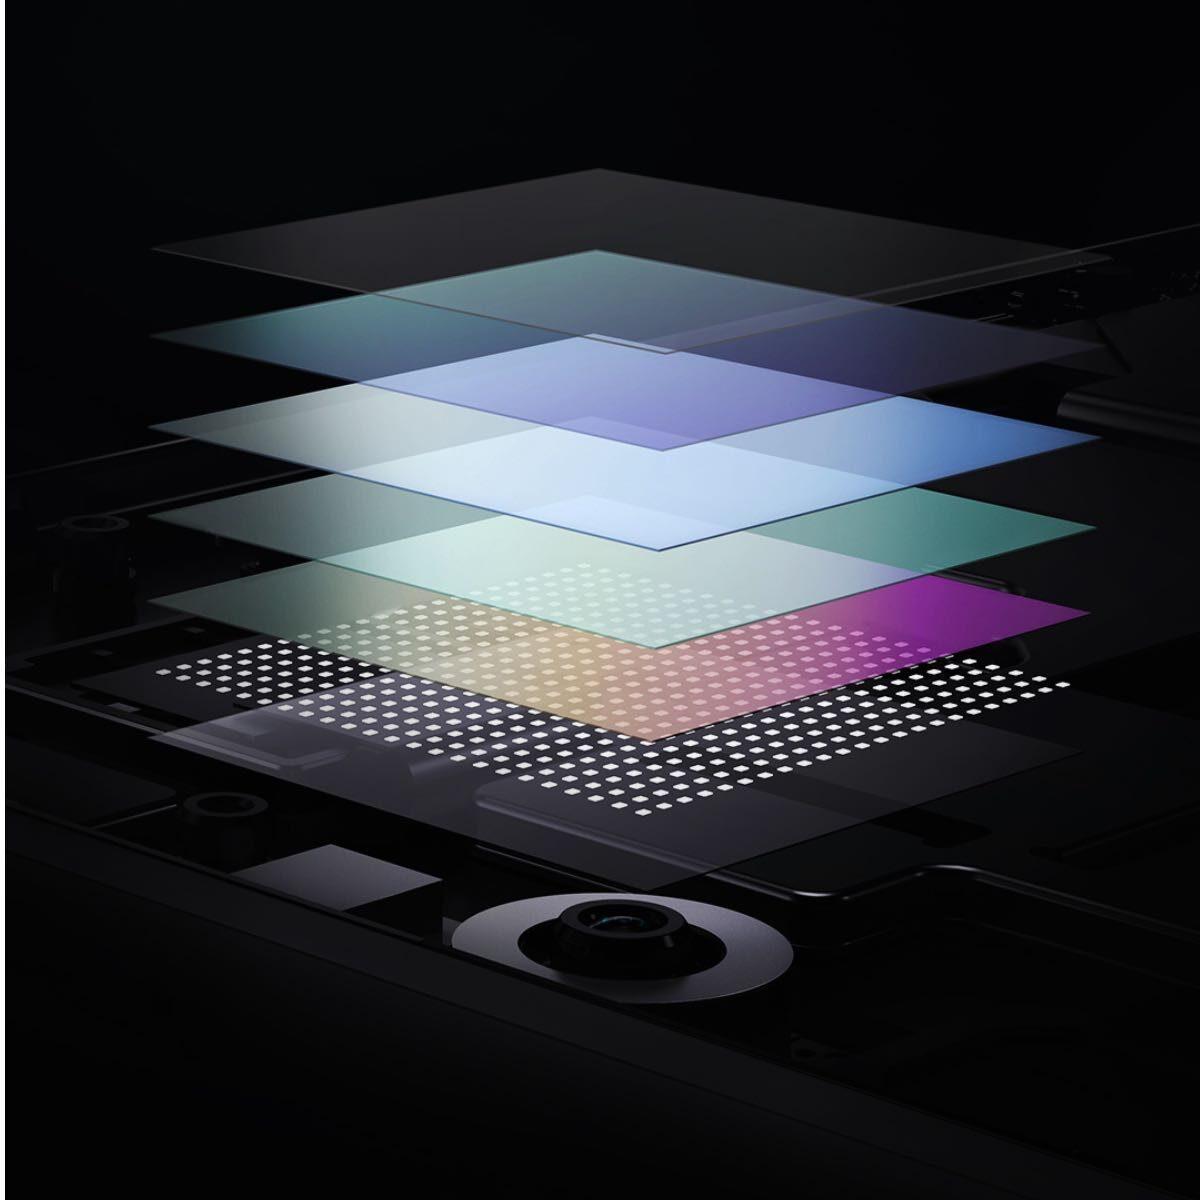 zte axon 30 fotocamera sotto display 15/07